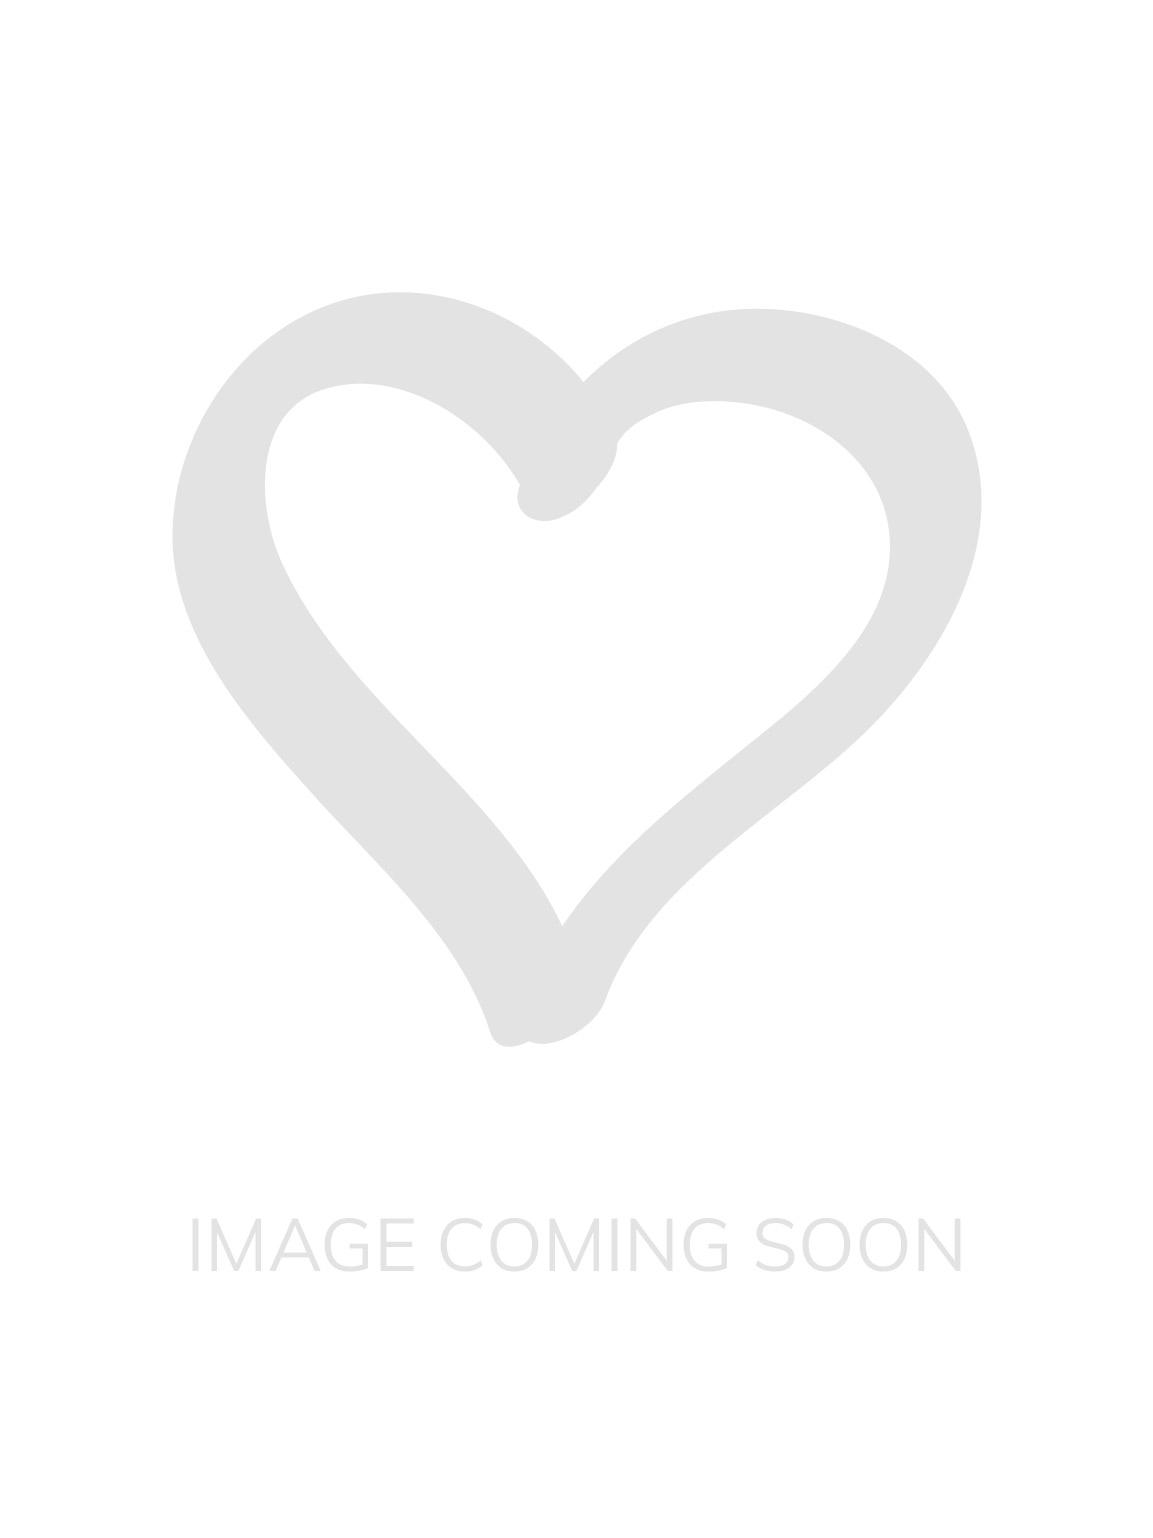 90c9524d1cd15 C Magnifique Minimizer Bra - Icy Blue